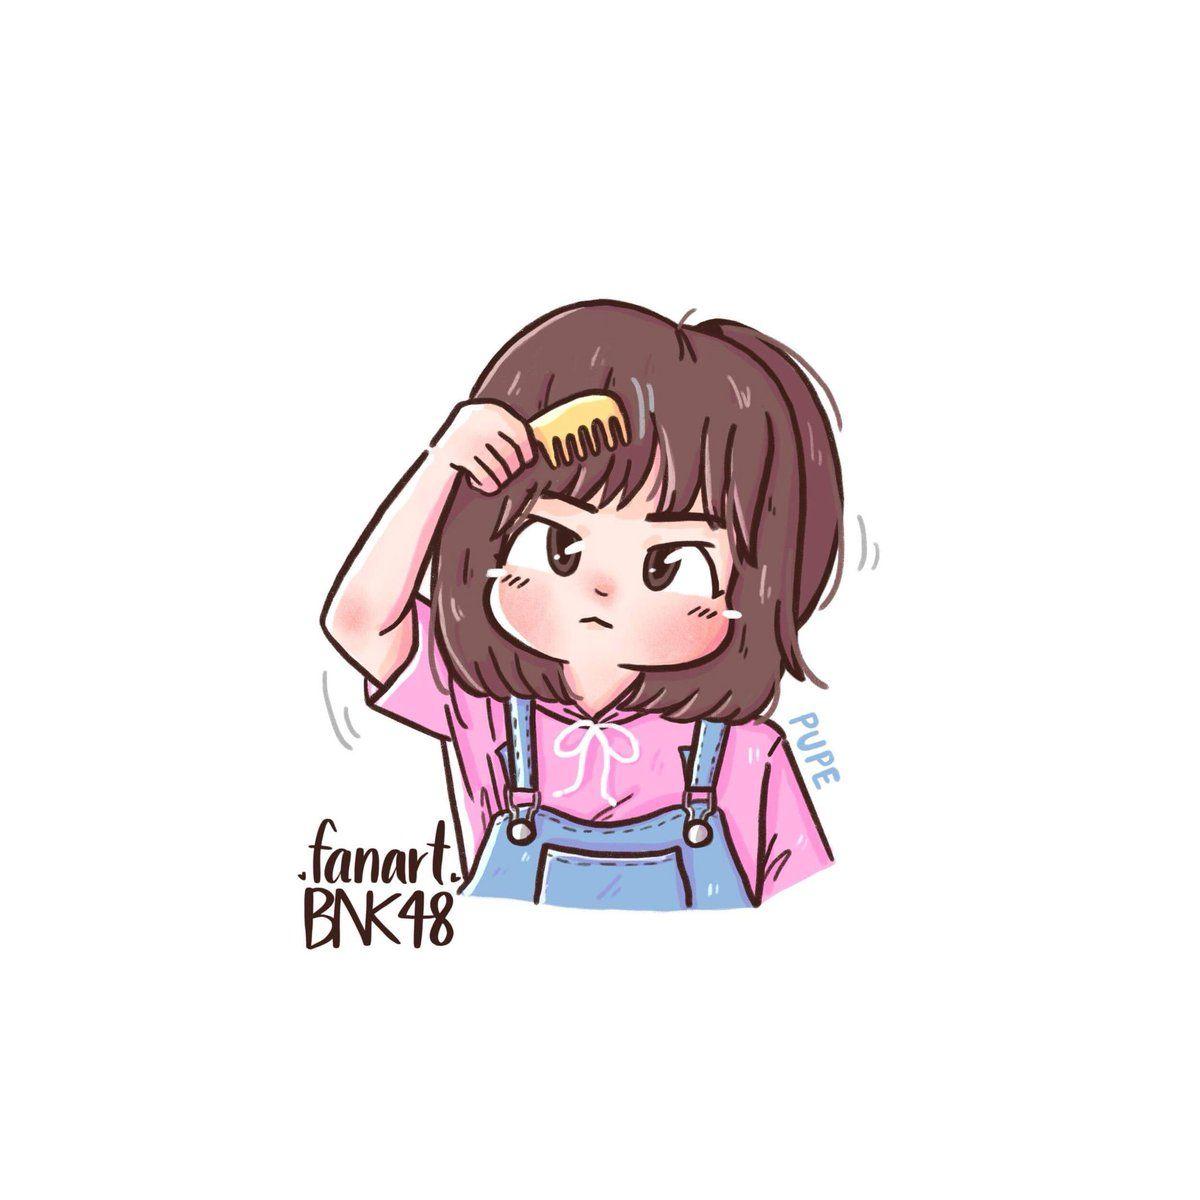 Fanart Bnk48 Fanartbnk48 Twitter Cute Cartoon Wallpapers Cute Easy Drawings Cute Cartoon